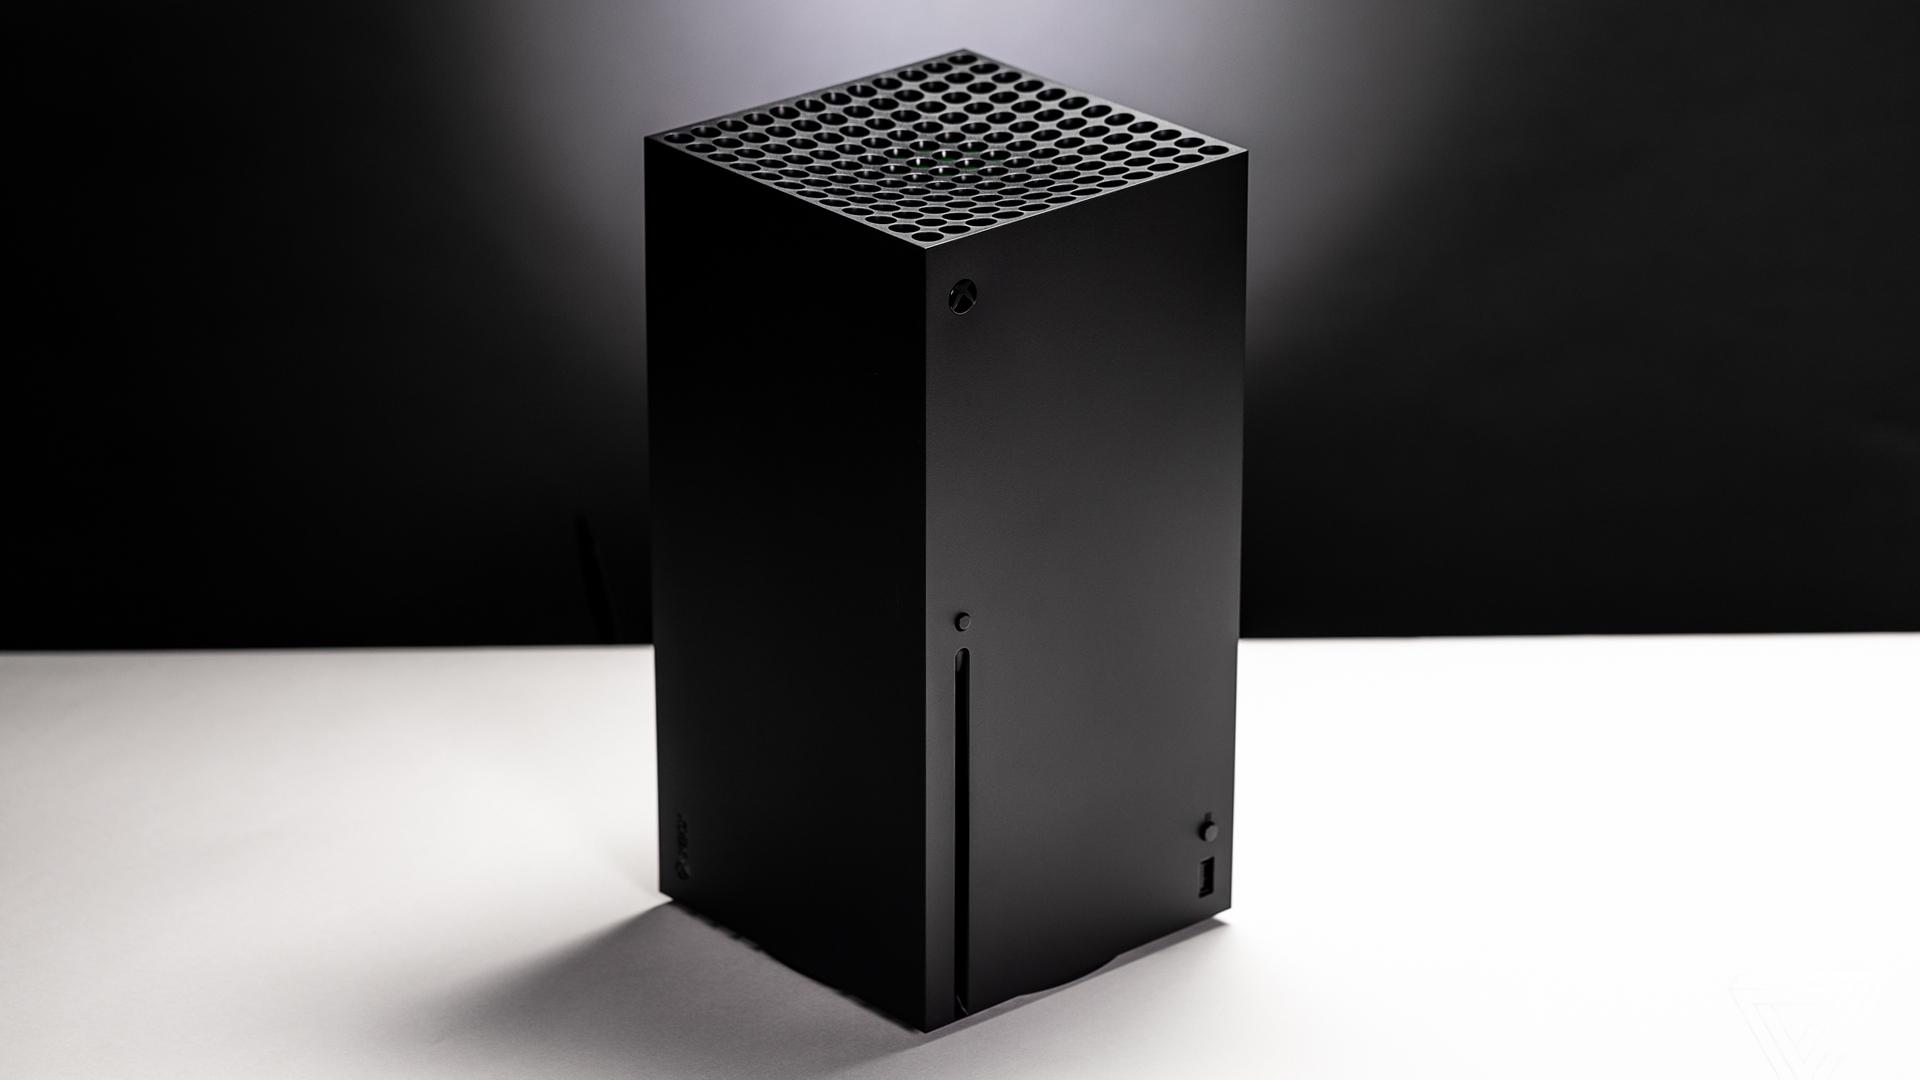 سخت افزار ایکس باکس سری ایکس